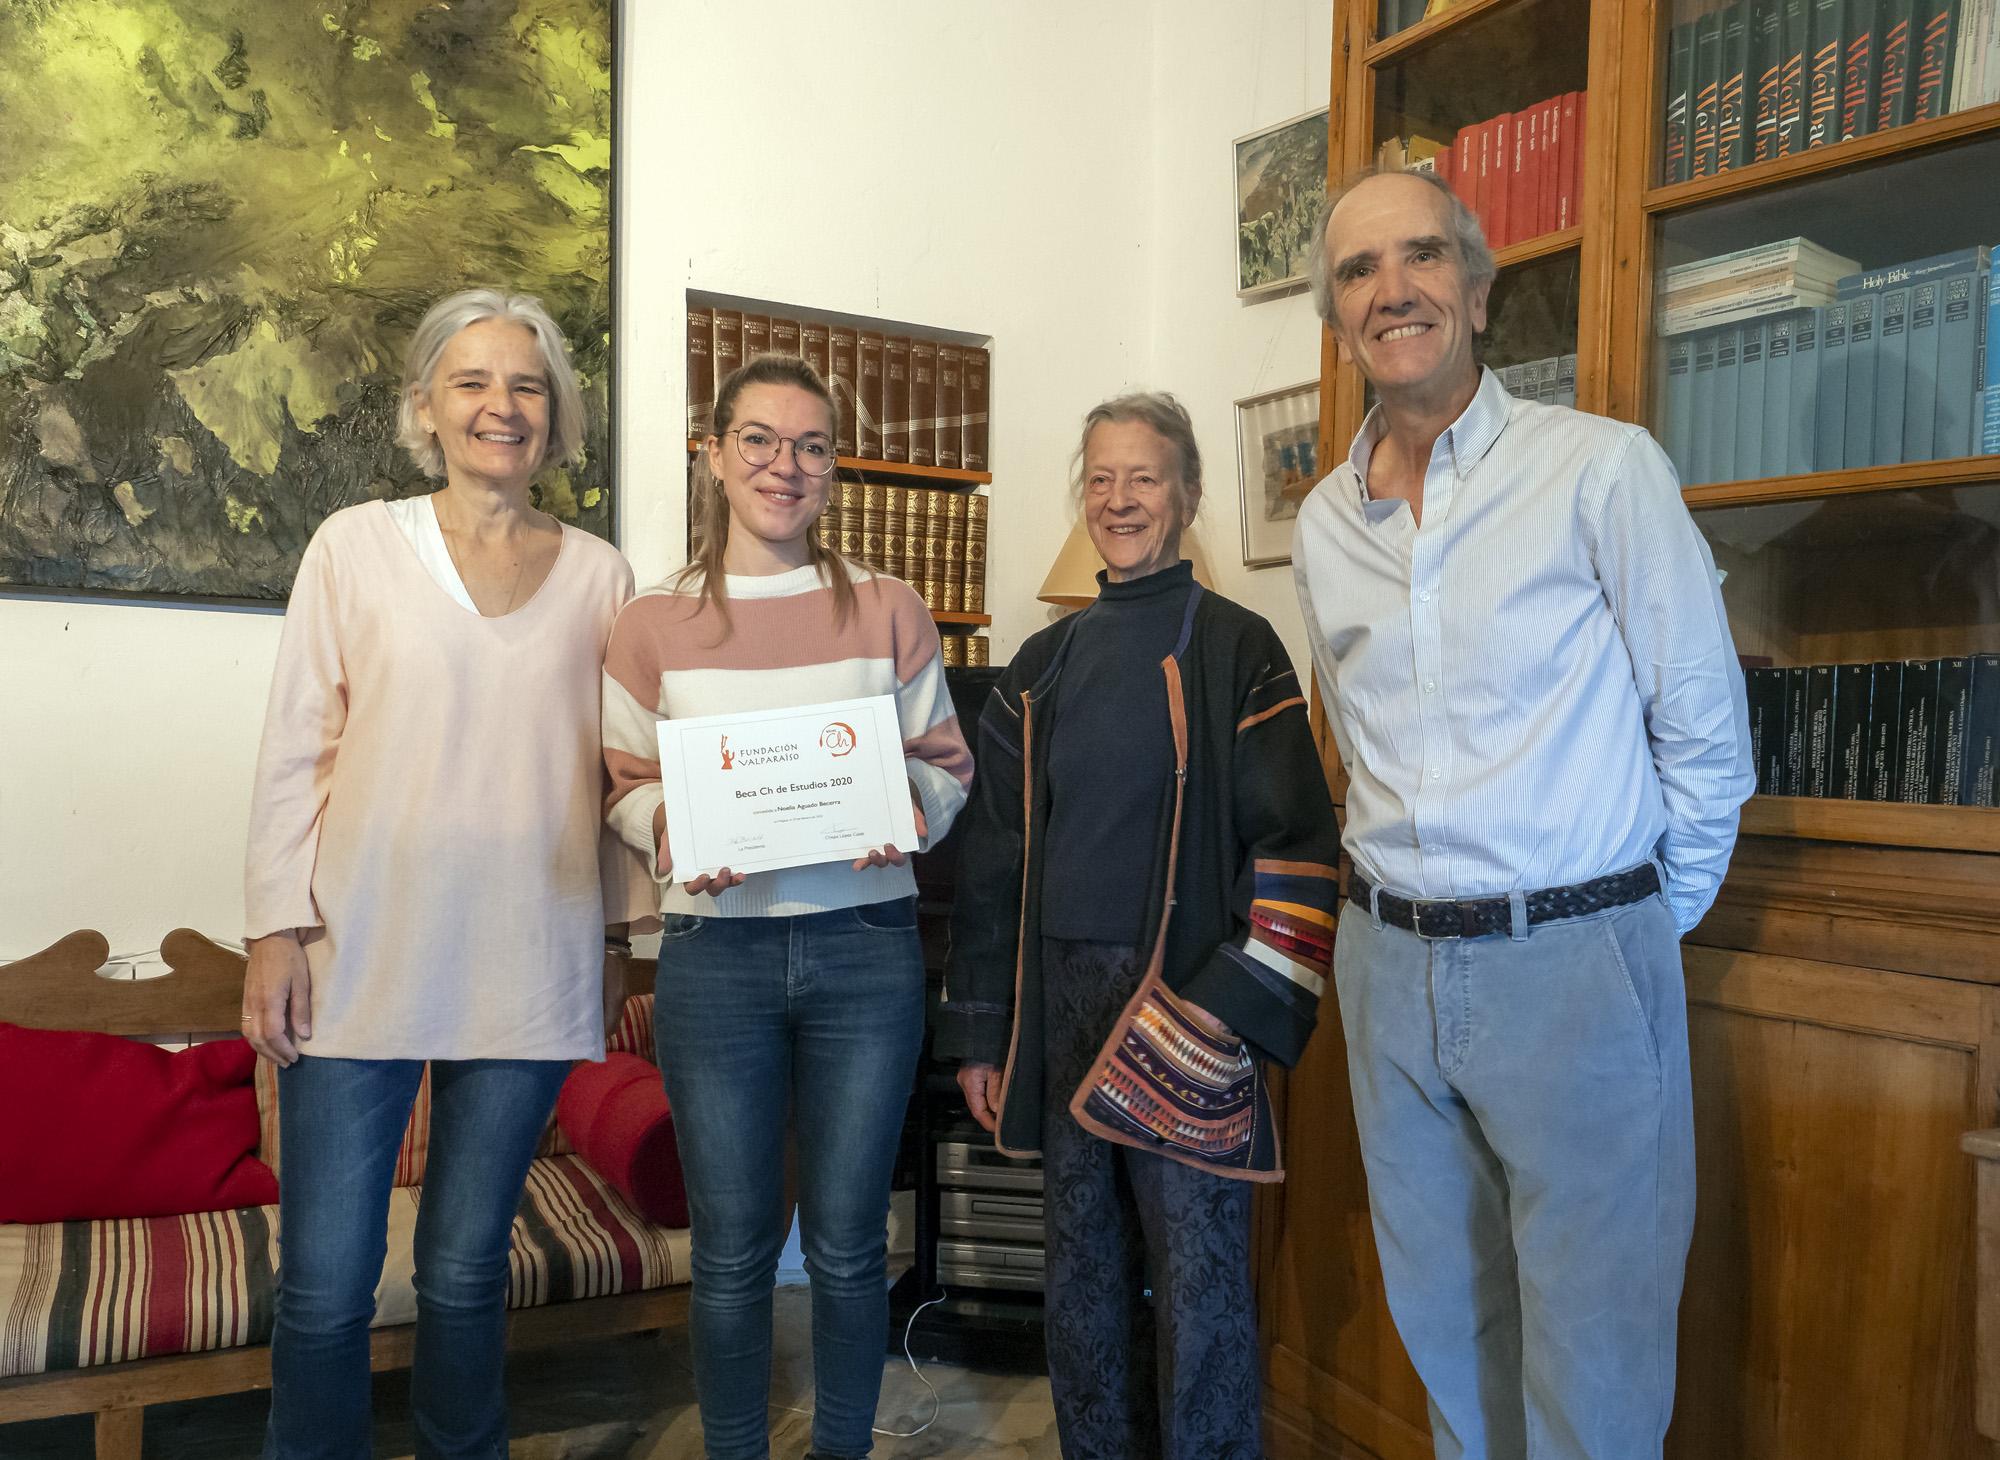 Entrega de la Beca Ch de Estudios a Noelia Aguado